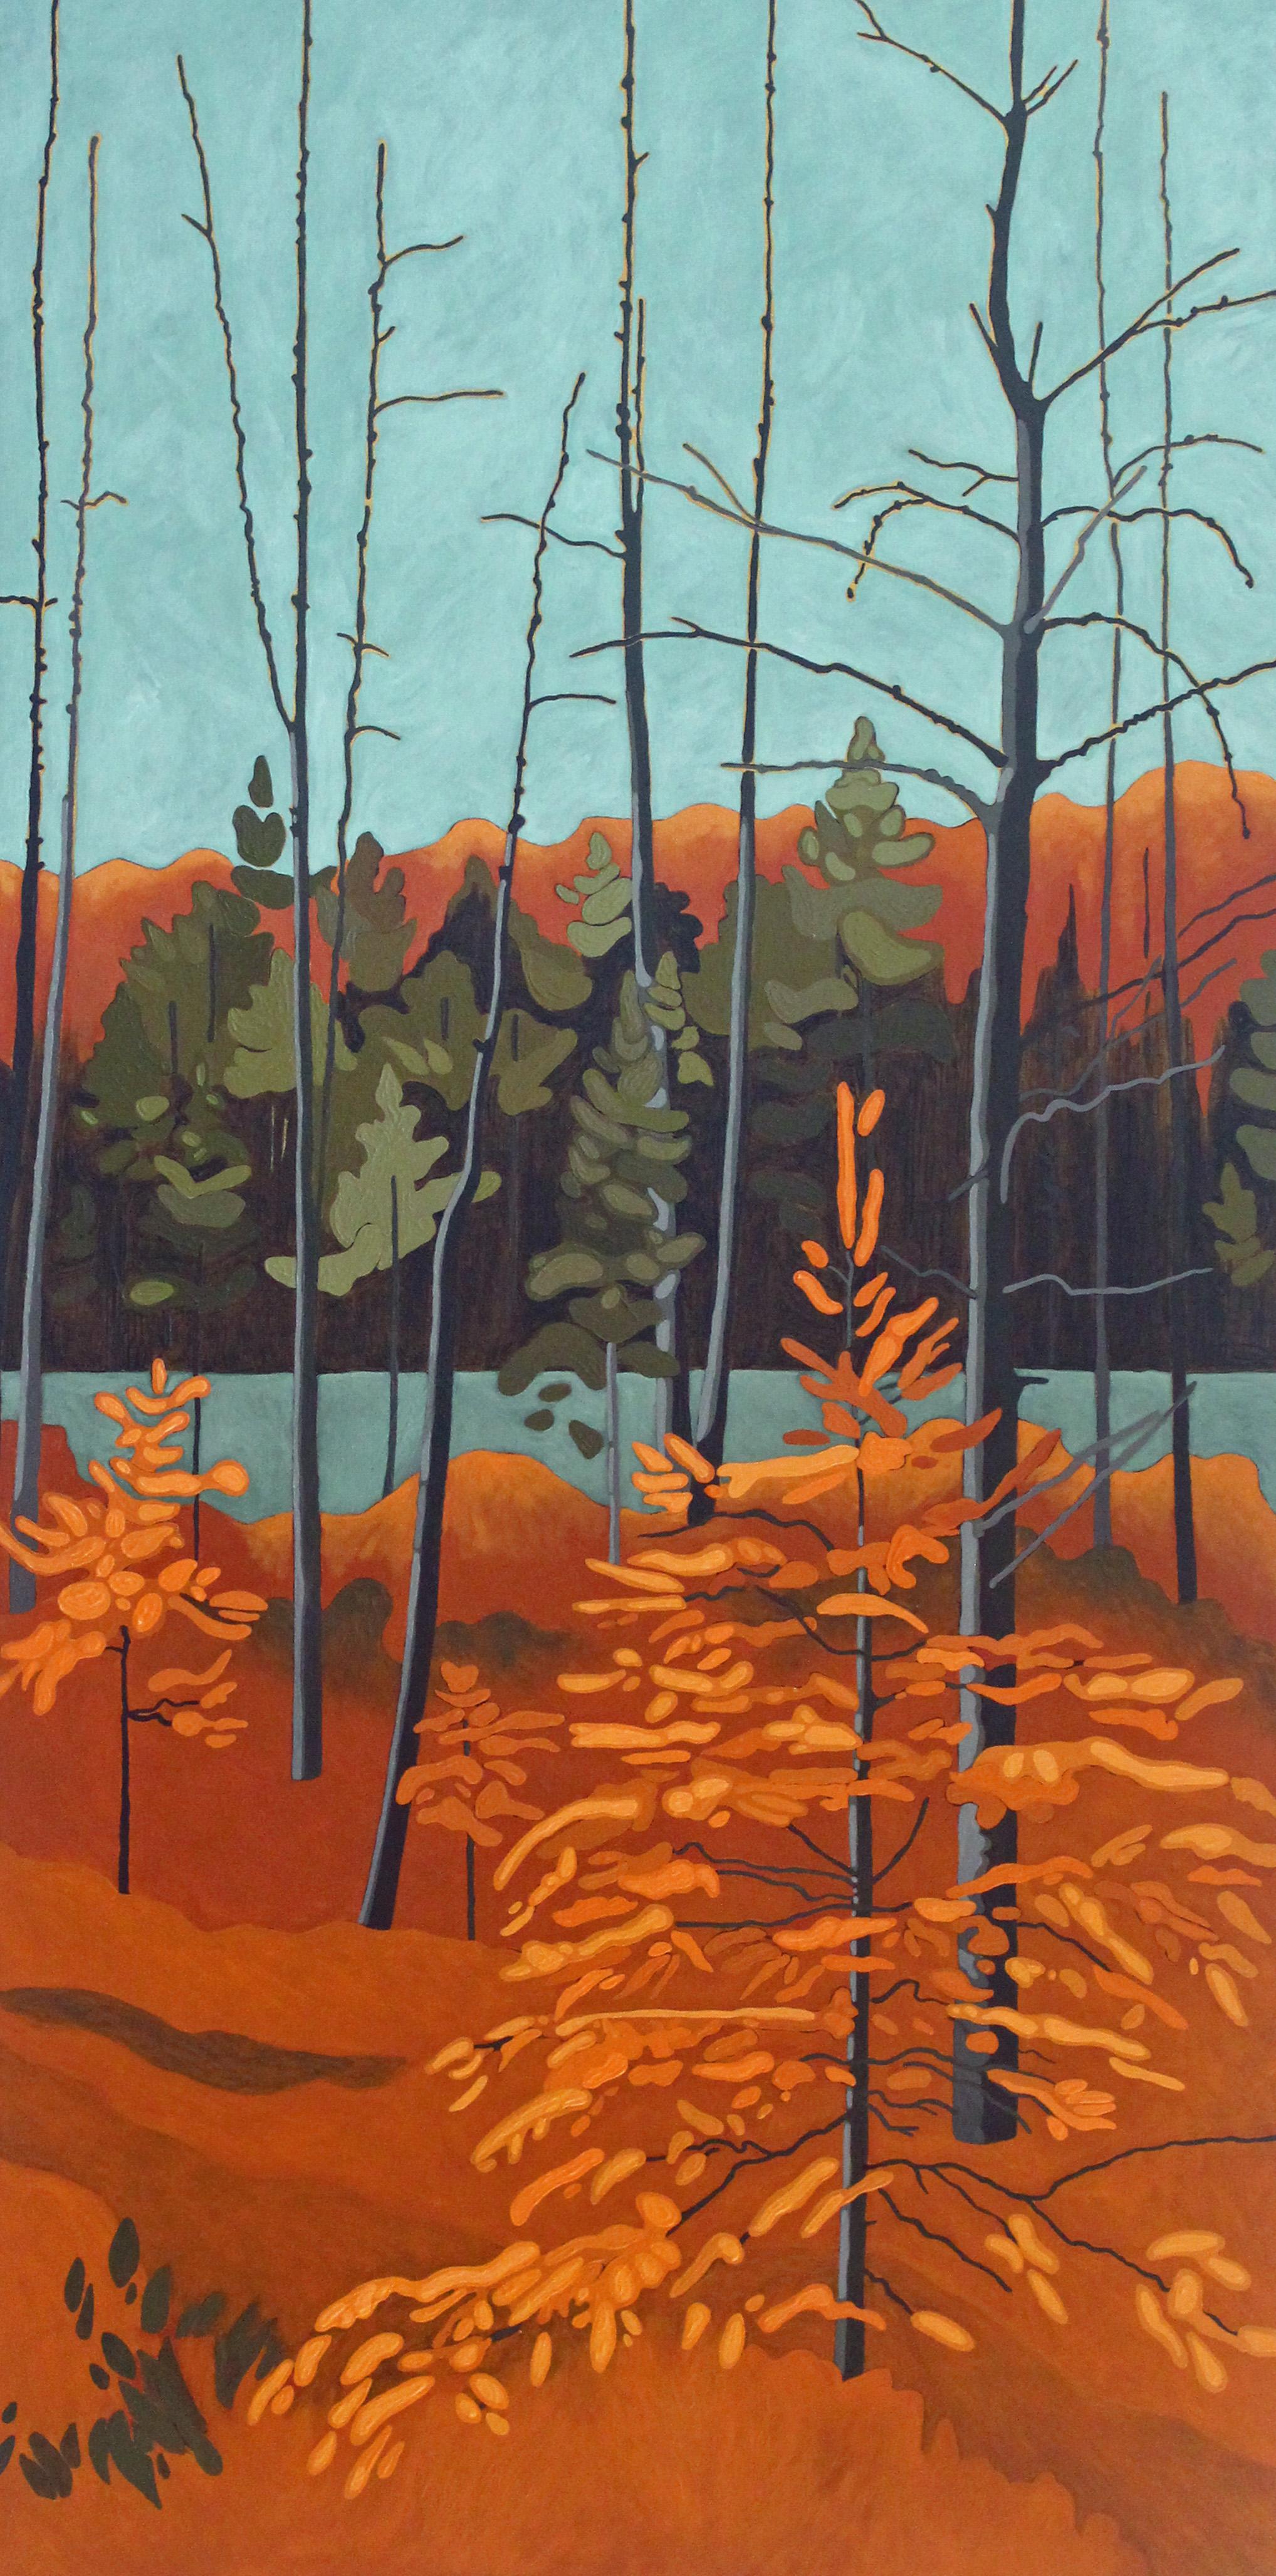 Tamarack and Sky, 2019, 24 x 48, Acrylic on Canvas, Leanne Baird